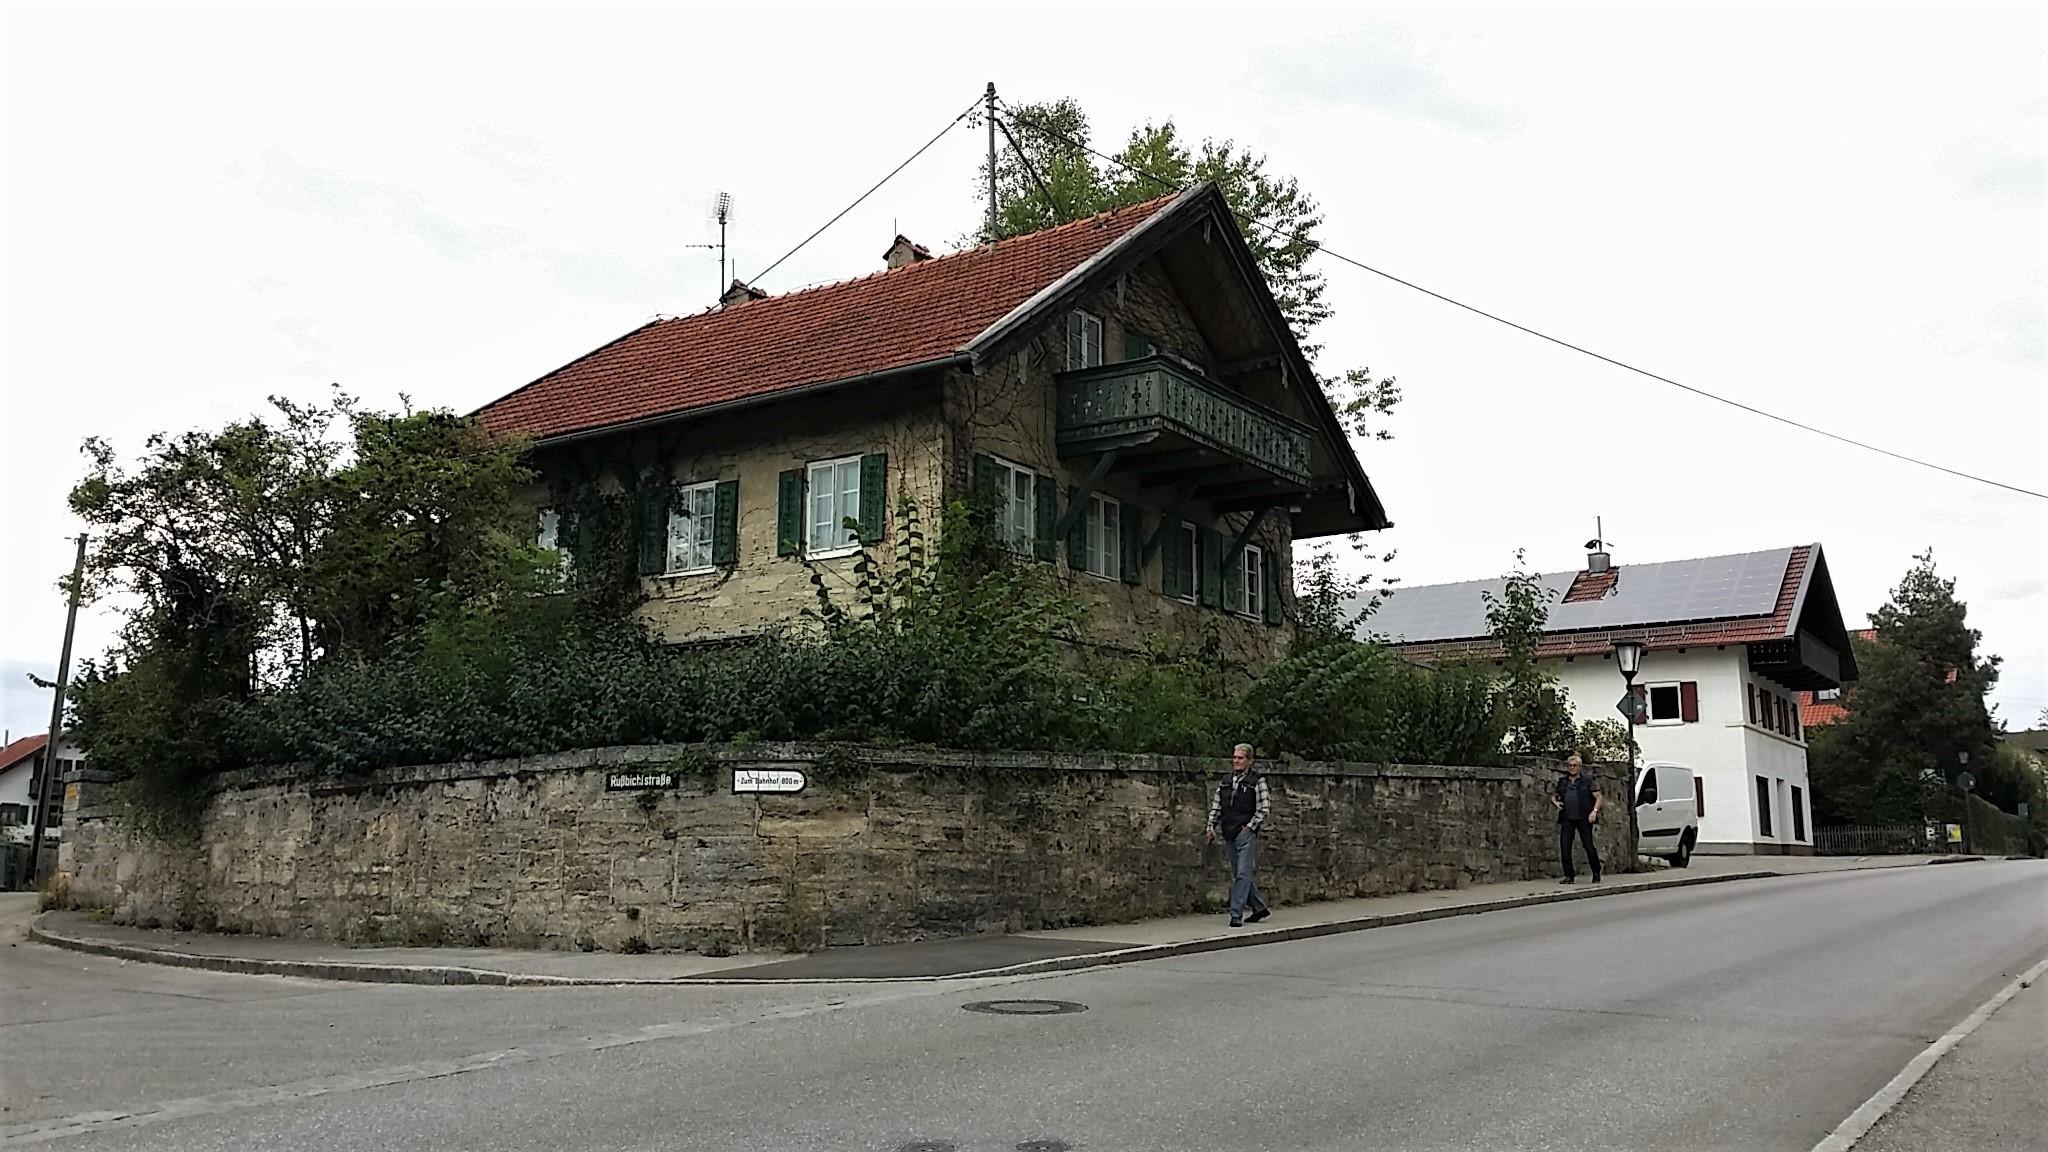 Unsere Männer interessierten sich für dieses Haus in Uffing